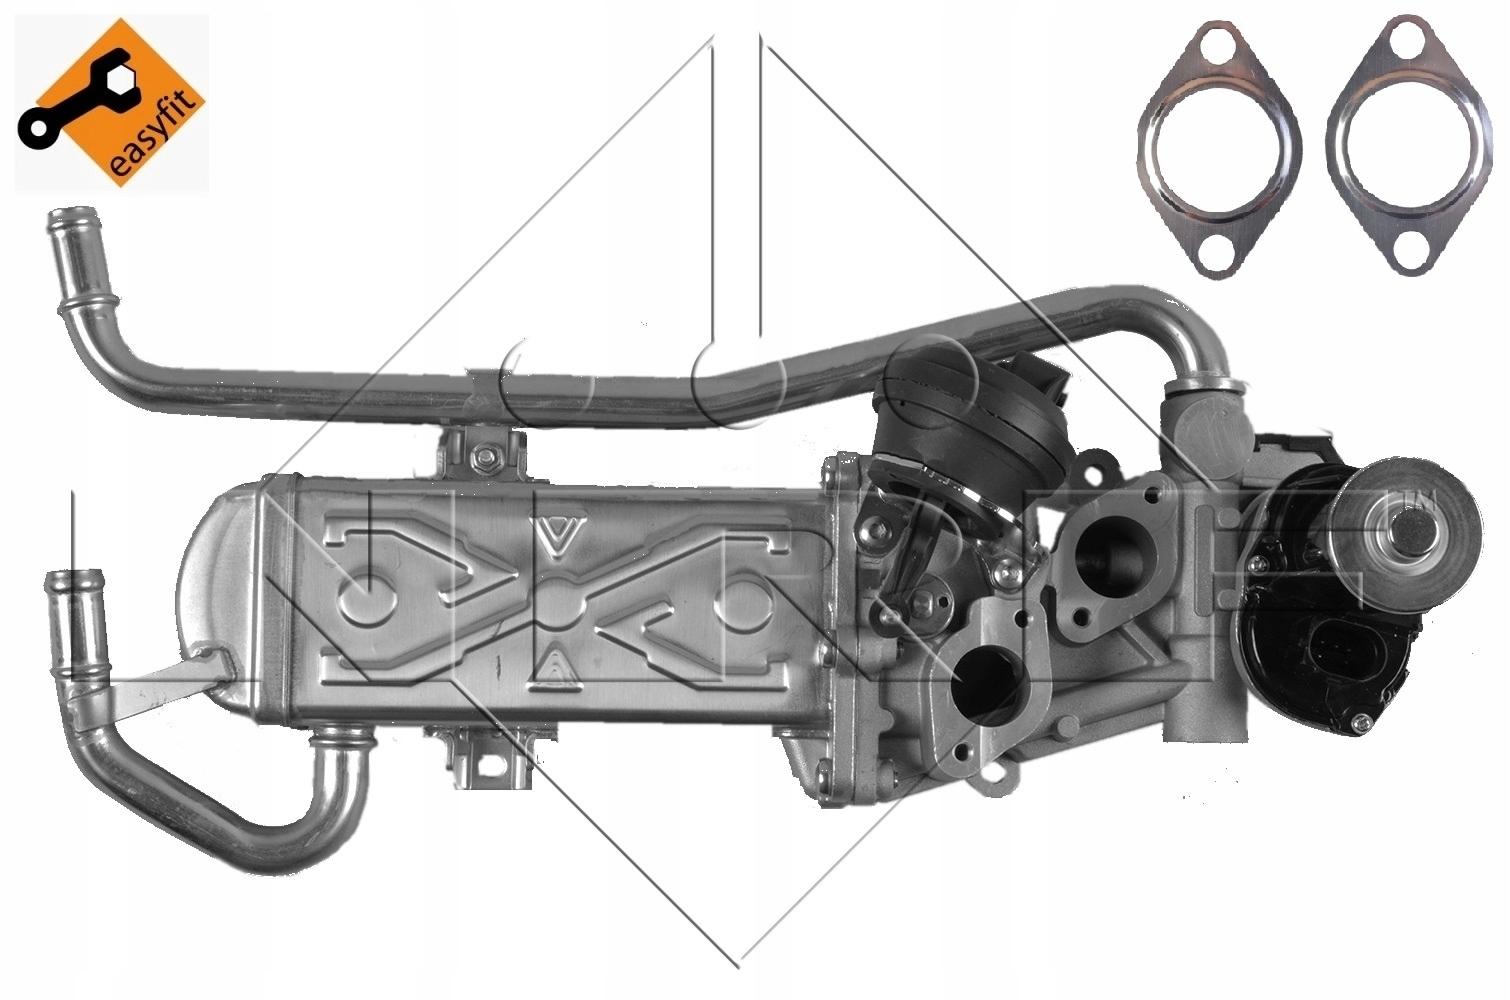 радиатор выхлопных газов системы рециркуляции ог nrf 48214